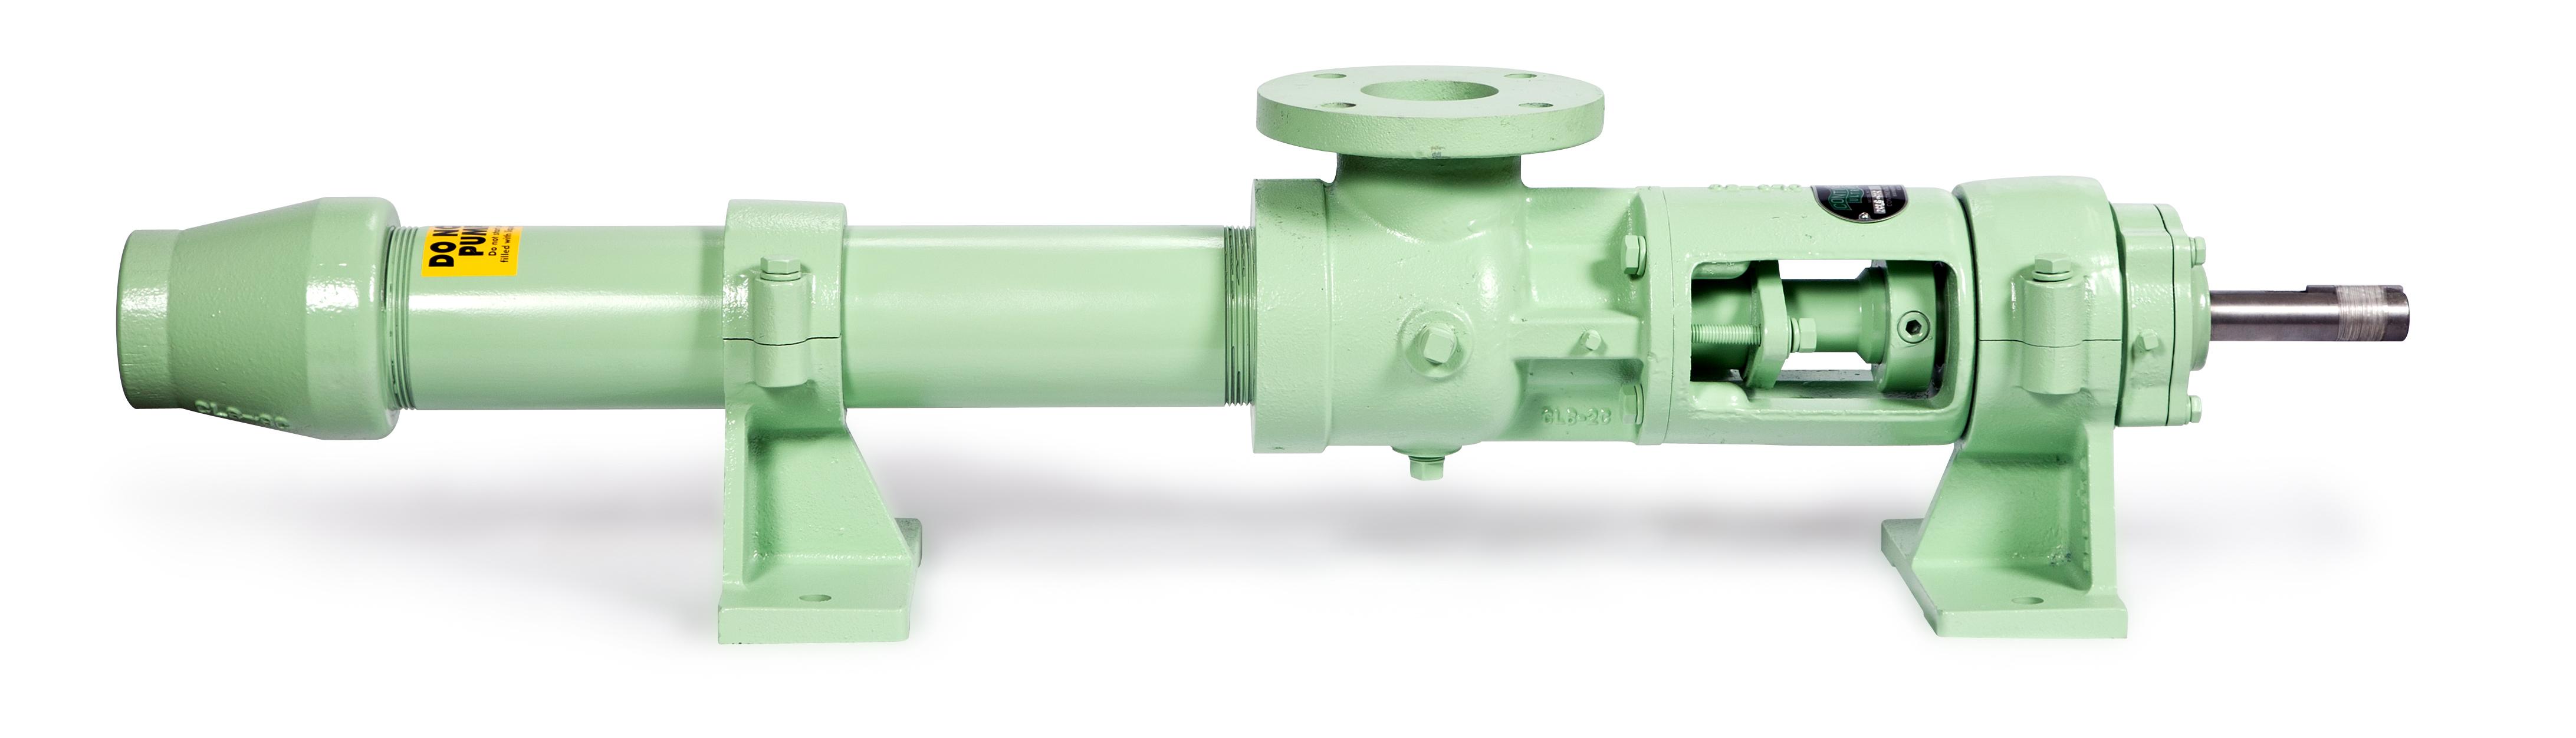 Continental Ultra Pumps Cl3